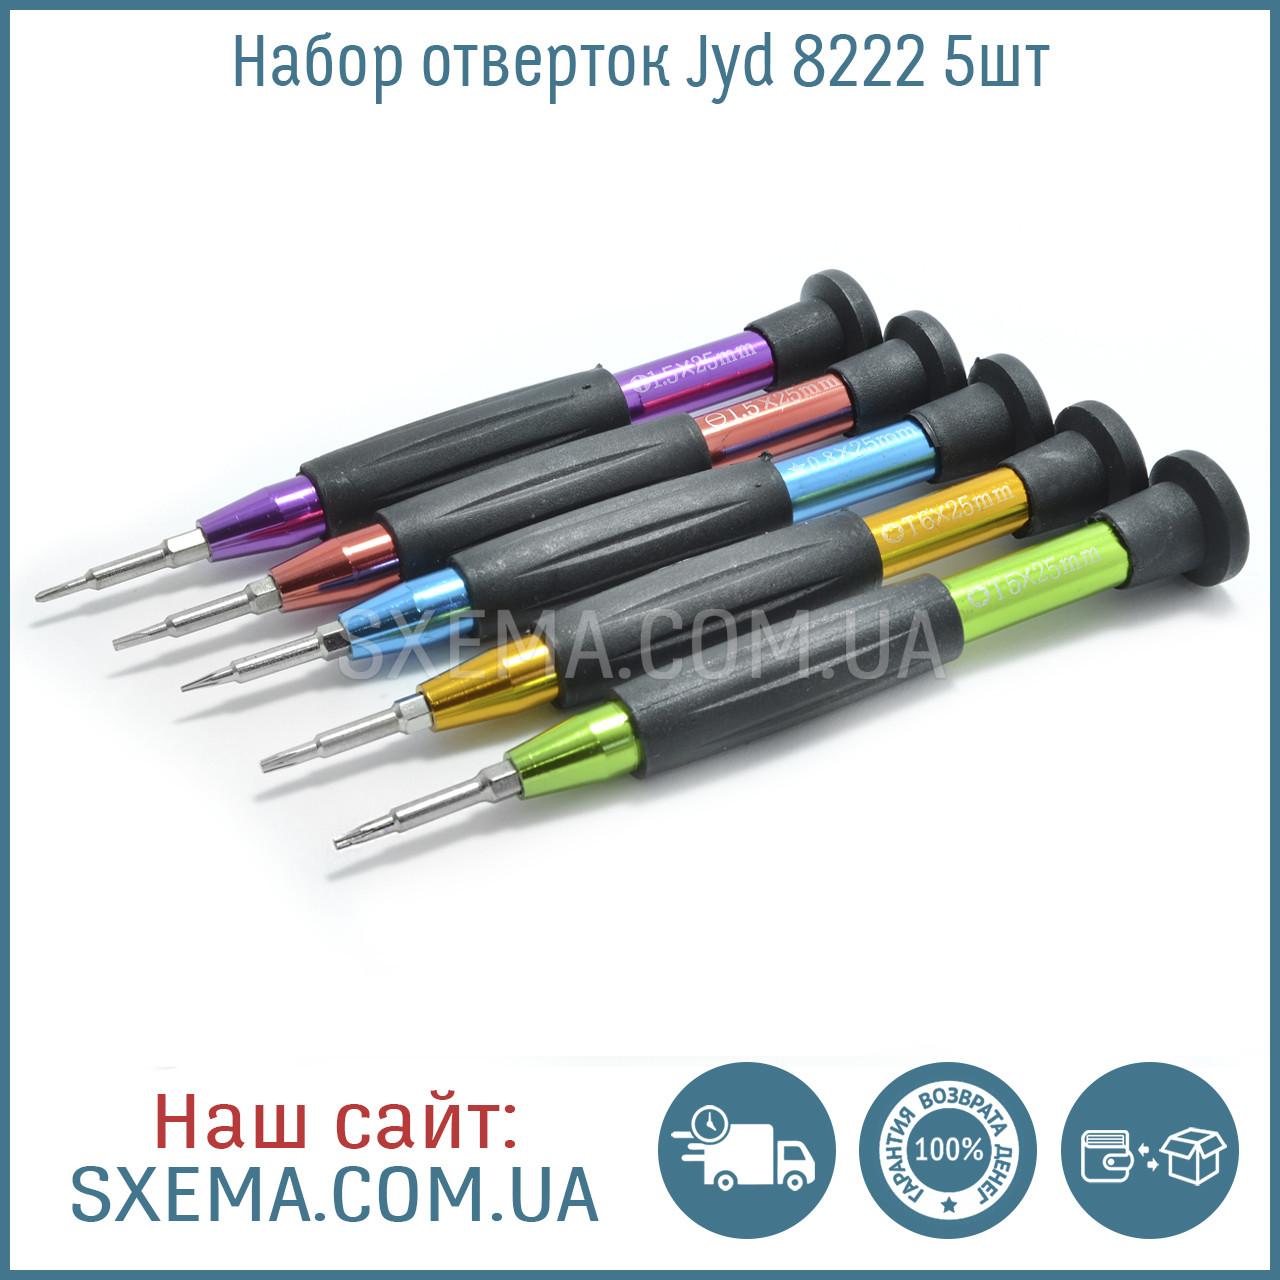 Набор из 5 отверток Jyd 8222 (M5222) для телефонов и др. электроники